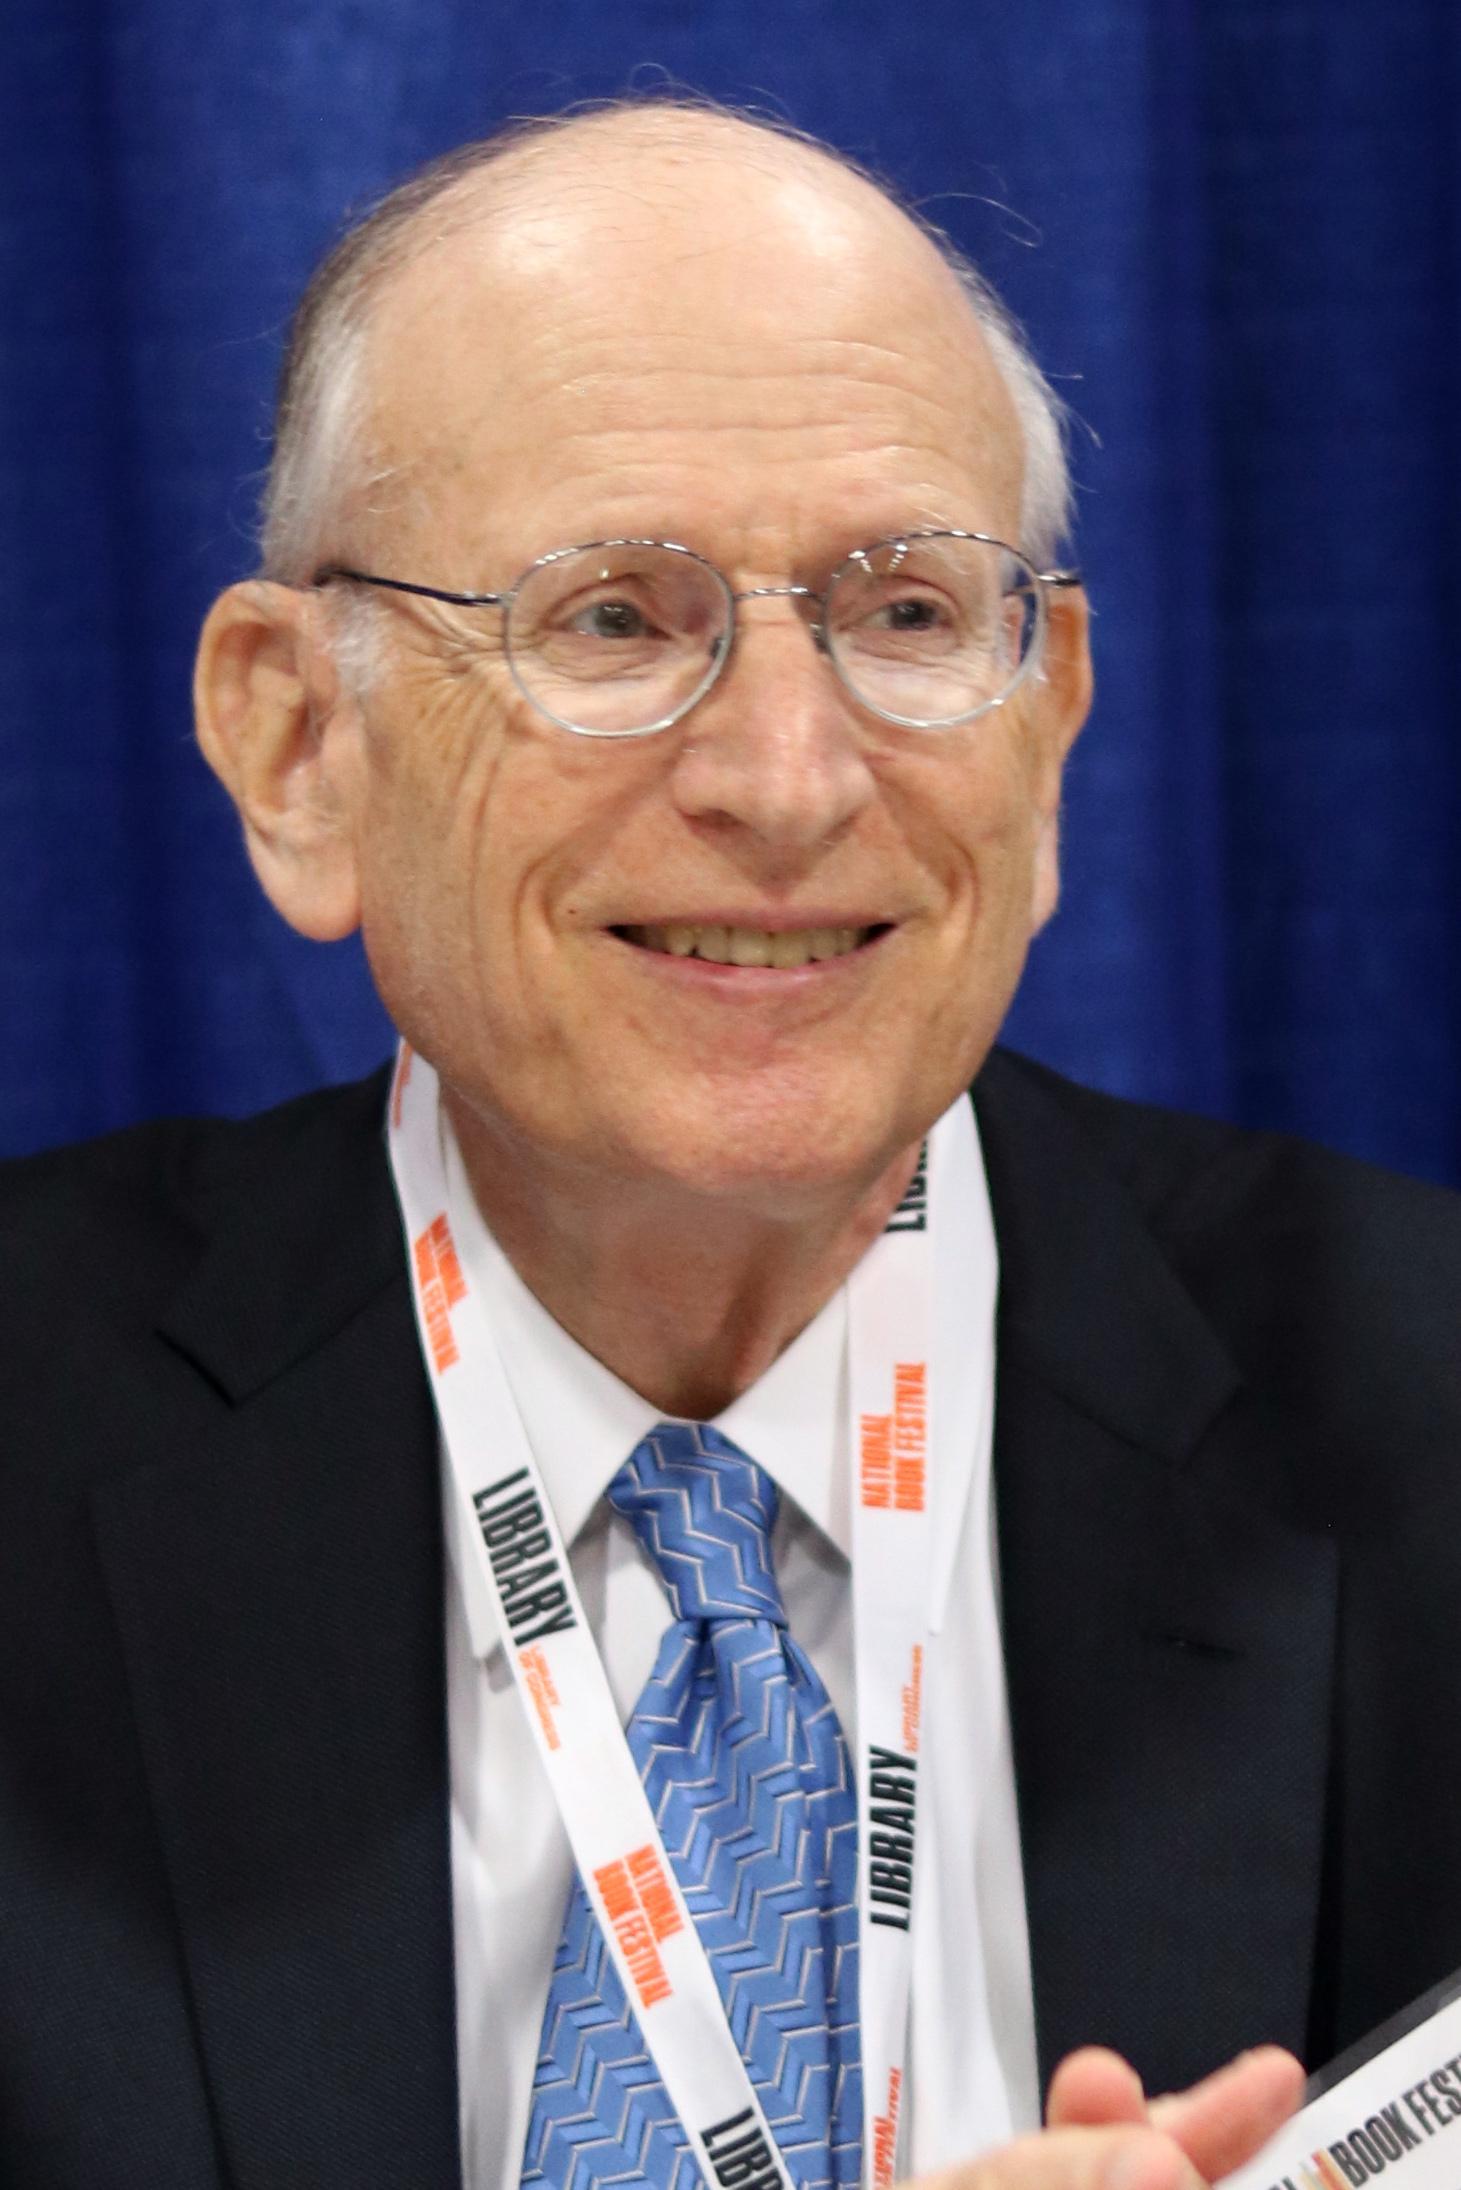 Stuart E. Eizenstat